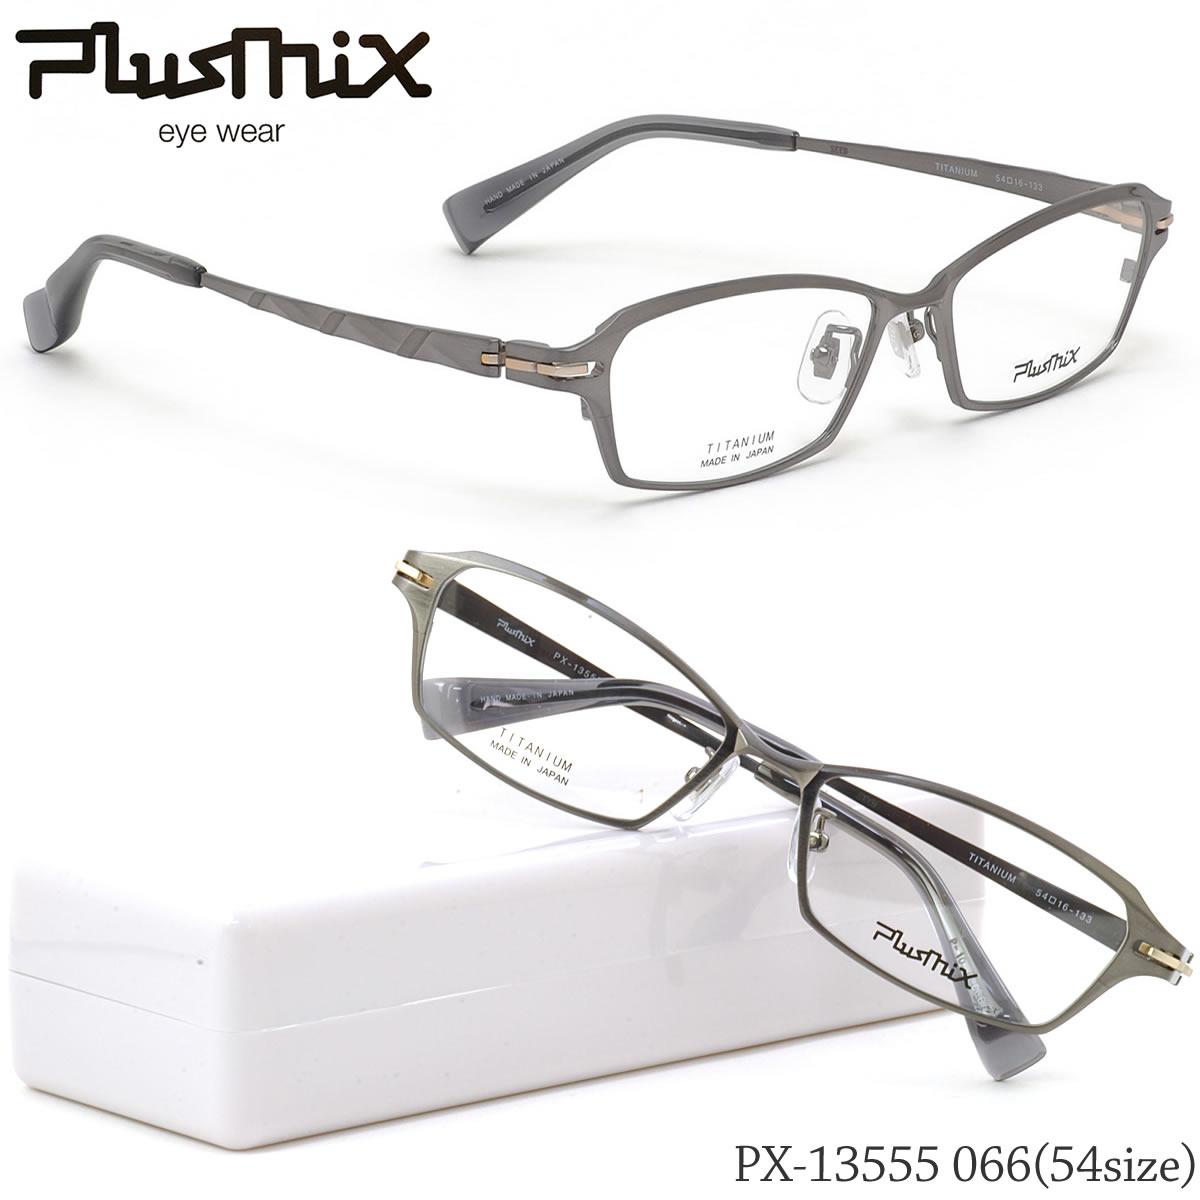 ほぼ全品ポイント15倍~20倍+15倍+2倍 【プラスミックス】 (PlusMix) メガネPX-13555 066 54サイズ日本製 ベータチタン チタン 高級 PlusMix 伊達メガネレンズ無料 メンズ レディース